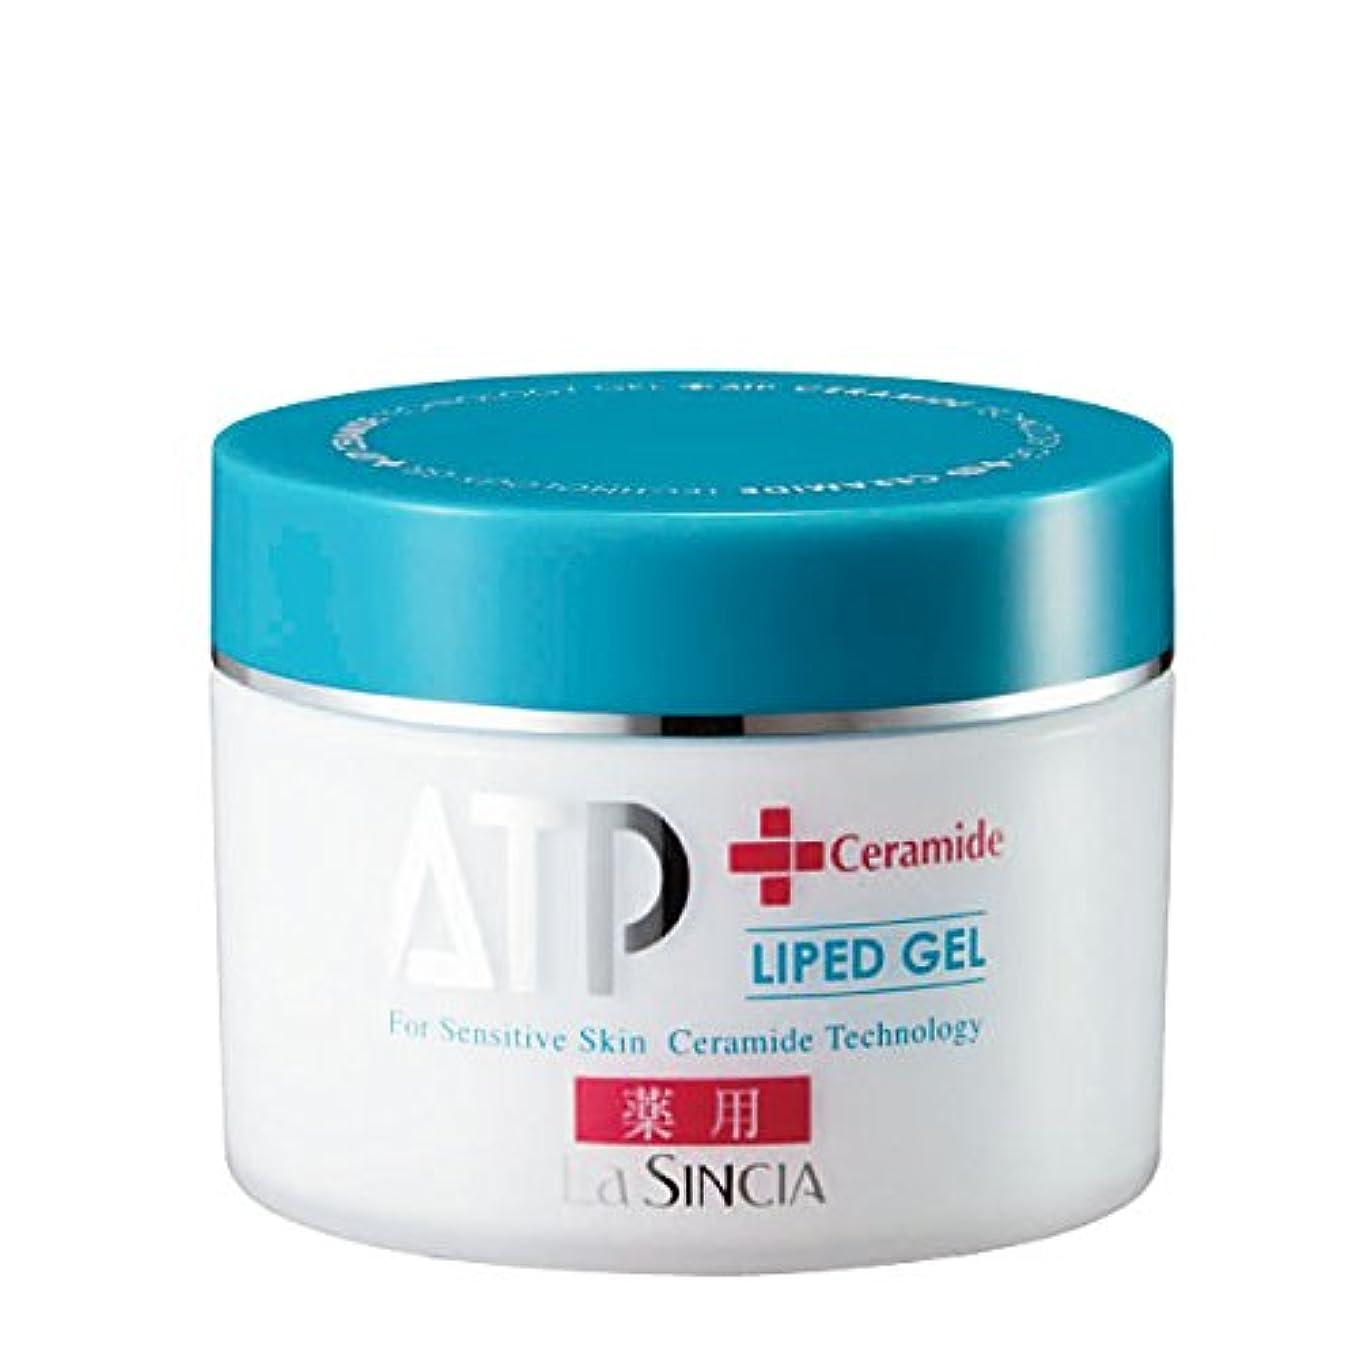 ラ?シンシア 薬用ATP リピッドゲル 200g (全身?頭皮?頭髪用保湿ゲルクリーム)